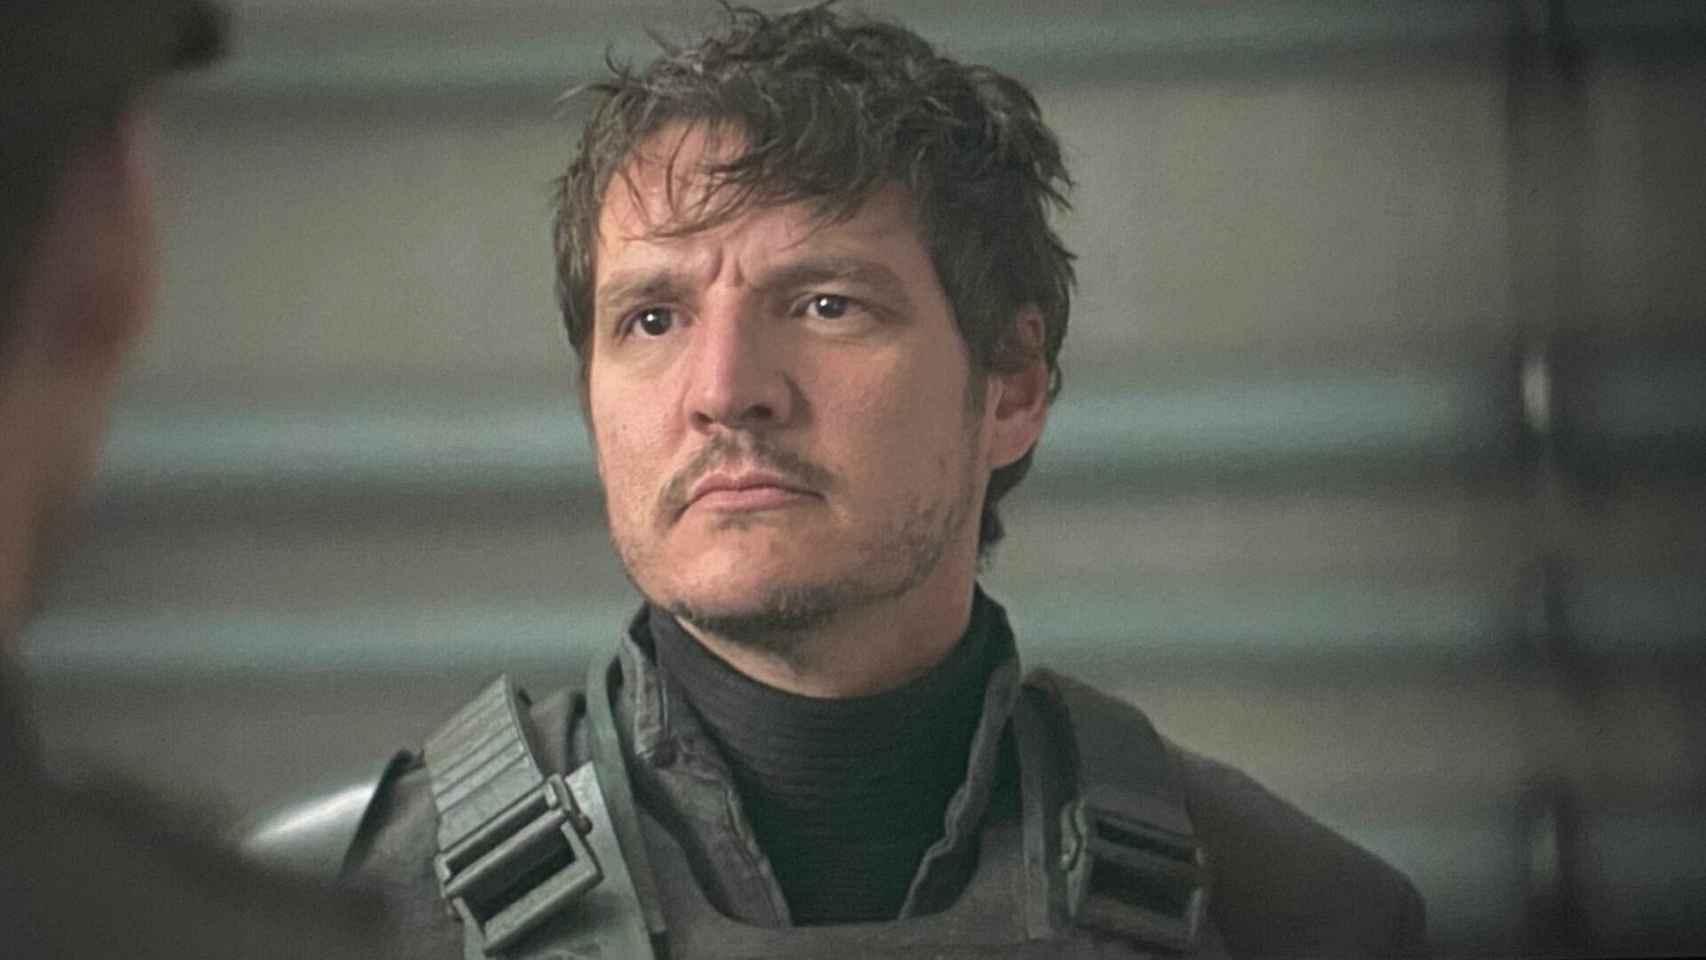 Las noticias de series de la semana en imágenes: del fichaje de Pedro Pascal en 'The Last of Us'  de HBO a la serie de 'Mentiras arriesgadas'